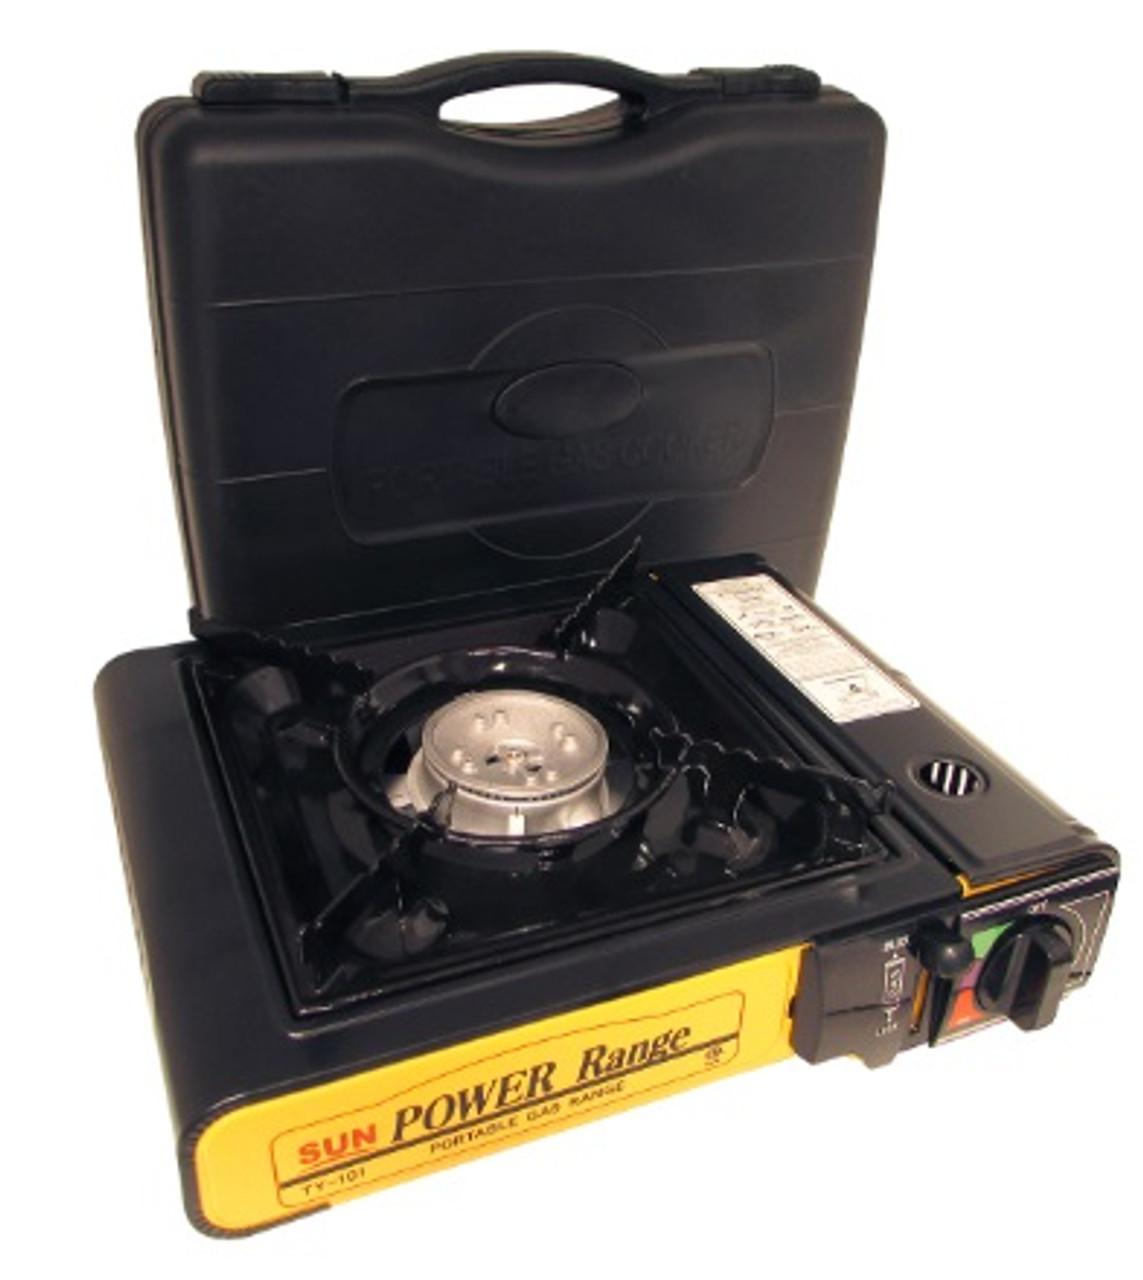 Sun Power Deluxe Portable Gas Stove